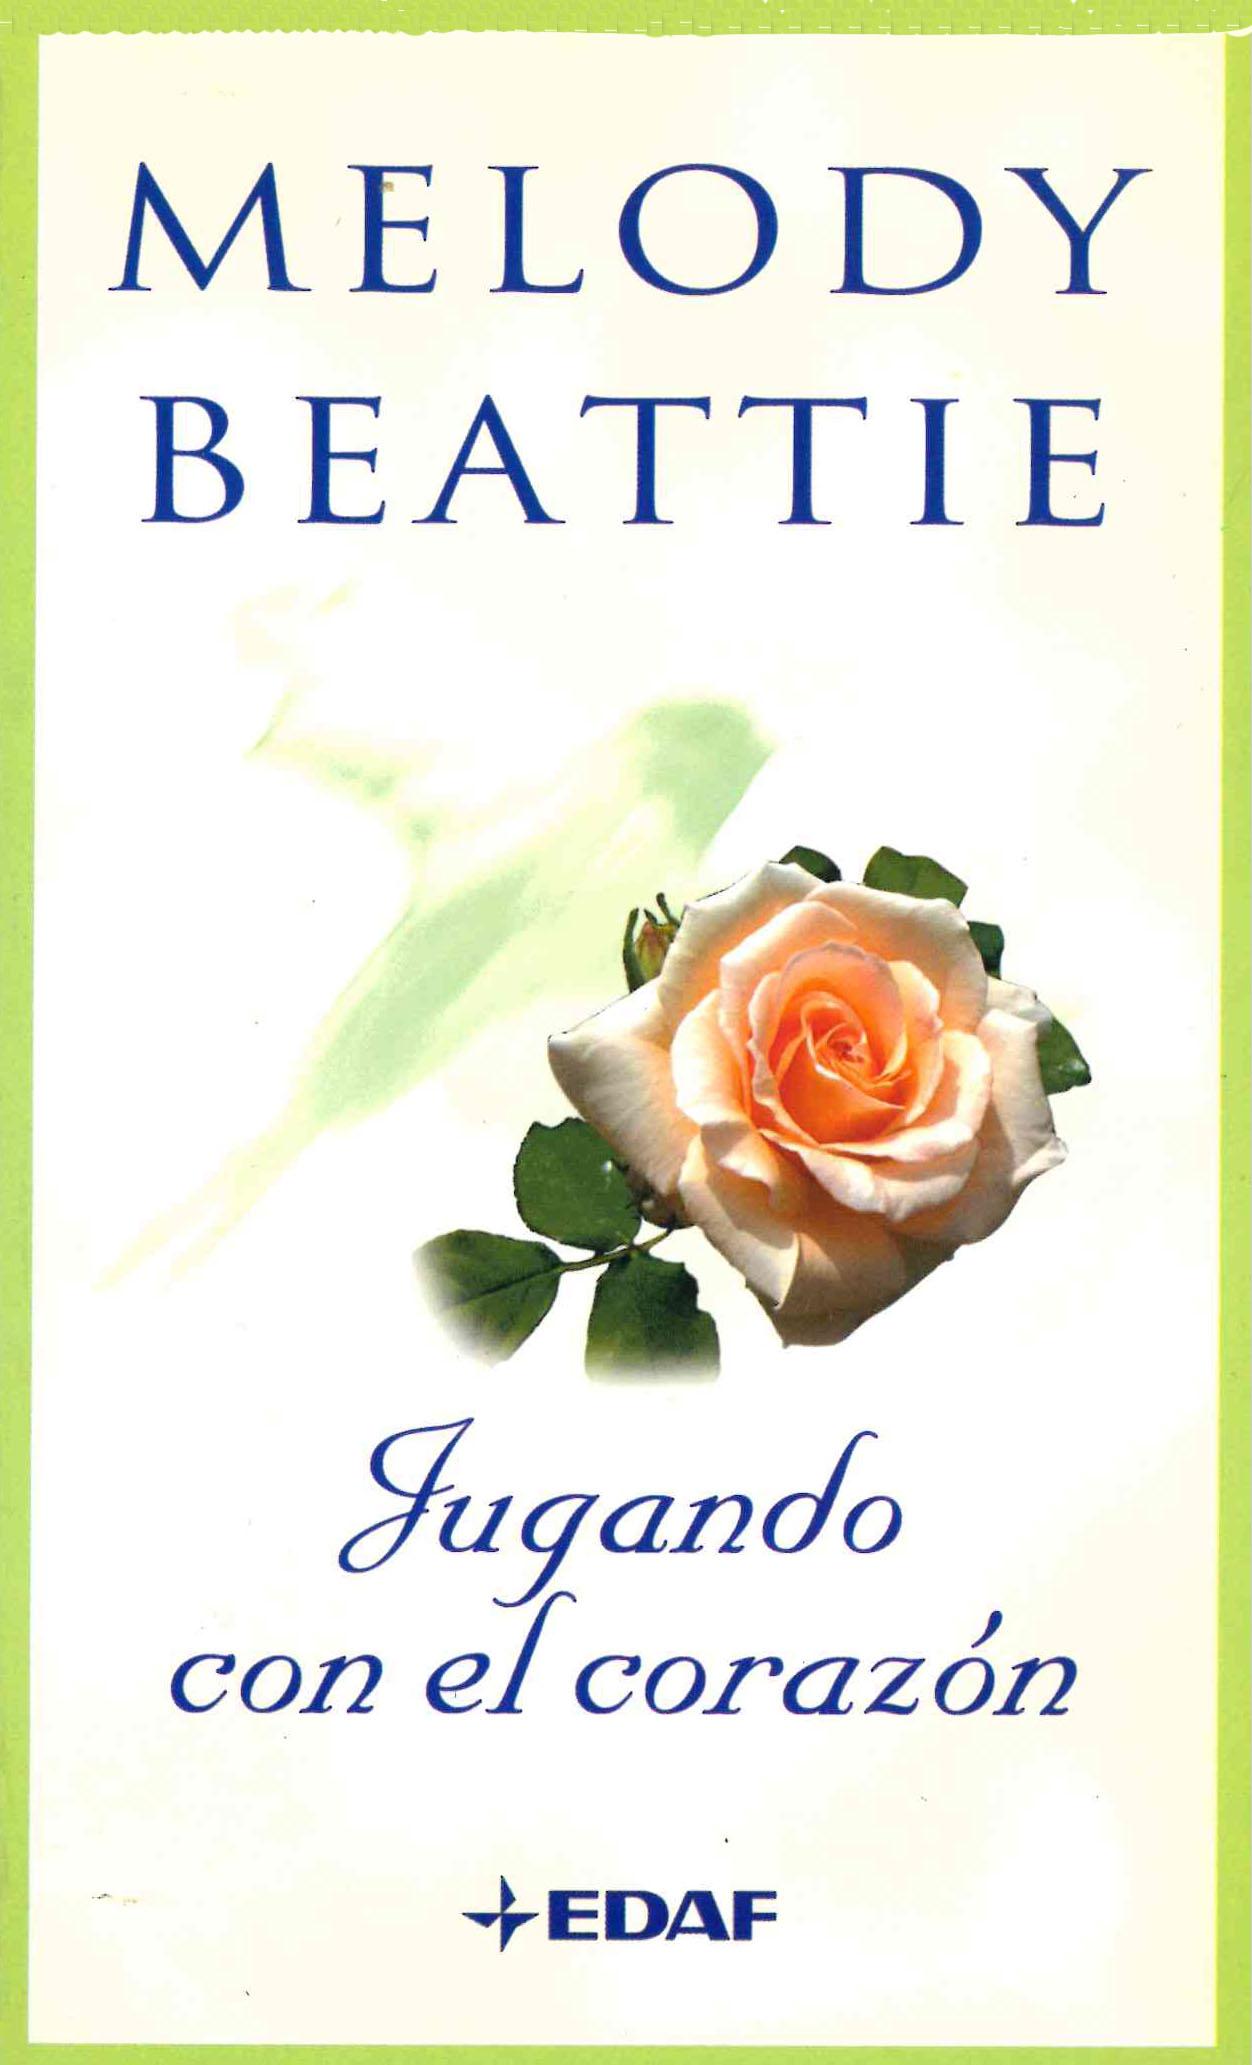 Jugando Con El Corazon por Melody Beattie epub